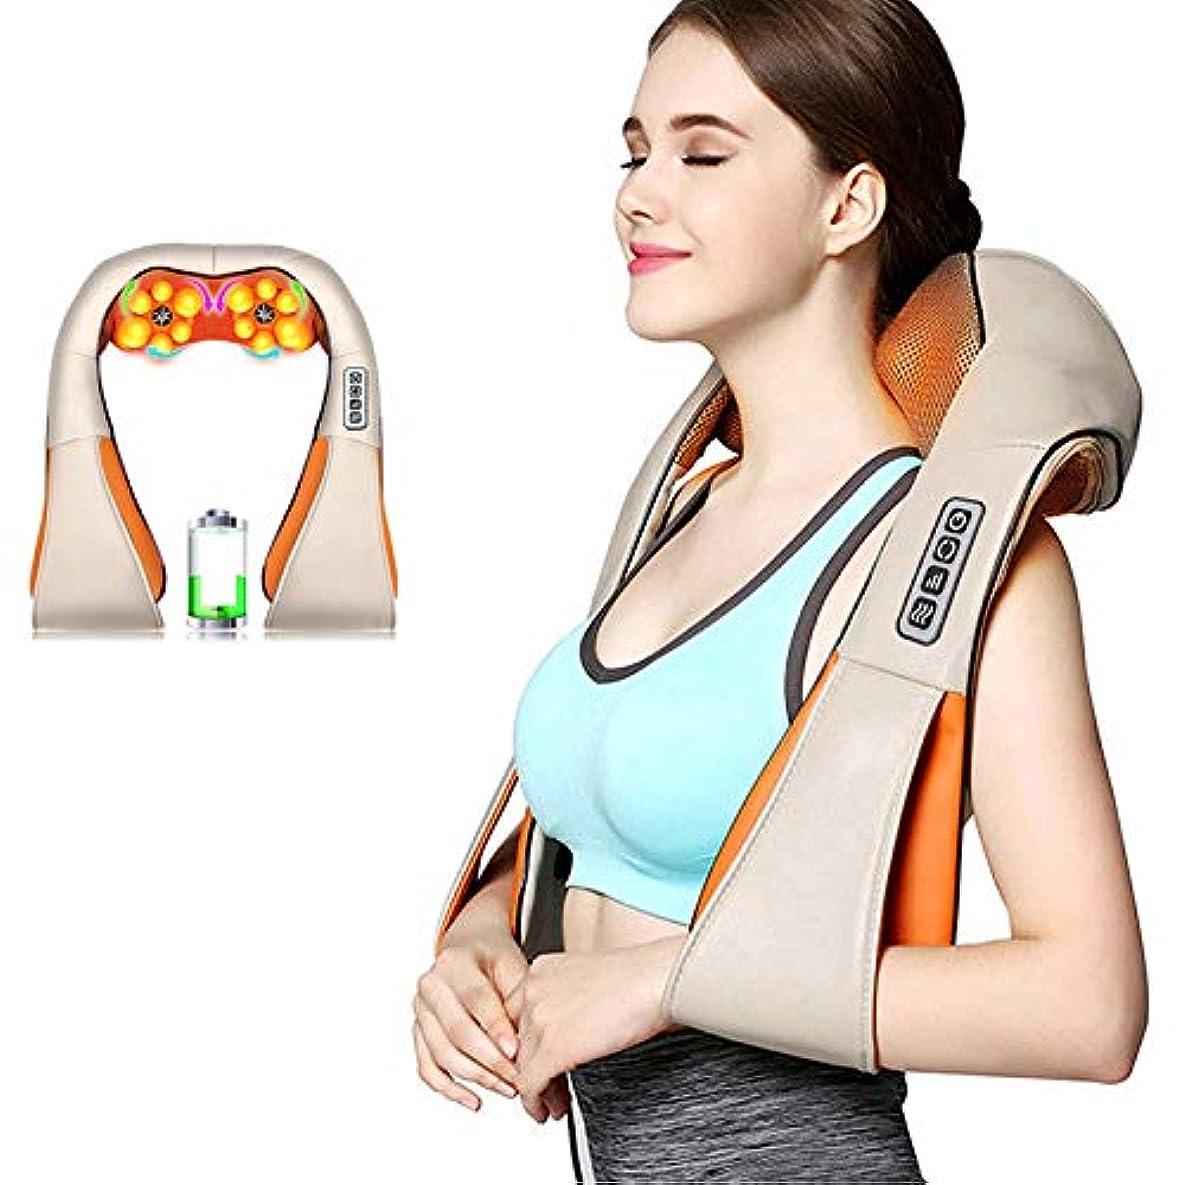 逮捕筋浮浪者指圧肩マッサージャー電動背中マッサージ、首、背中、肩、足、足、体の筋肉の痛みの緩和